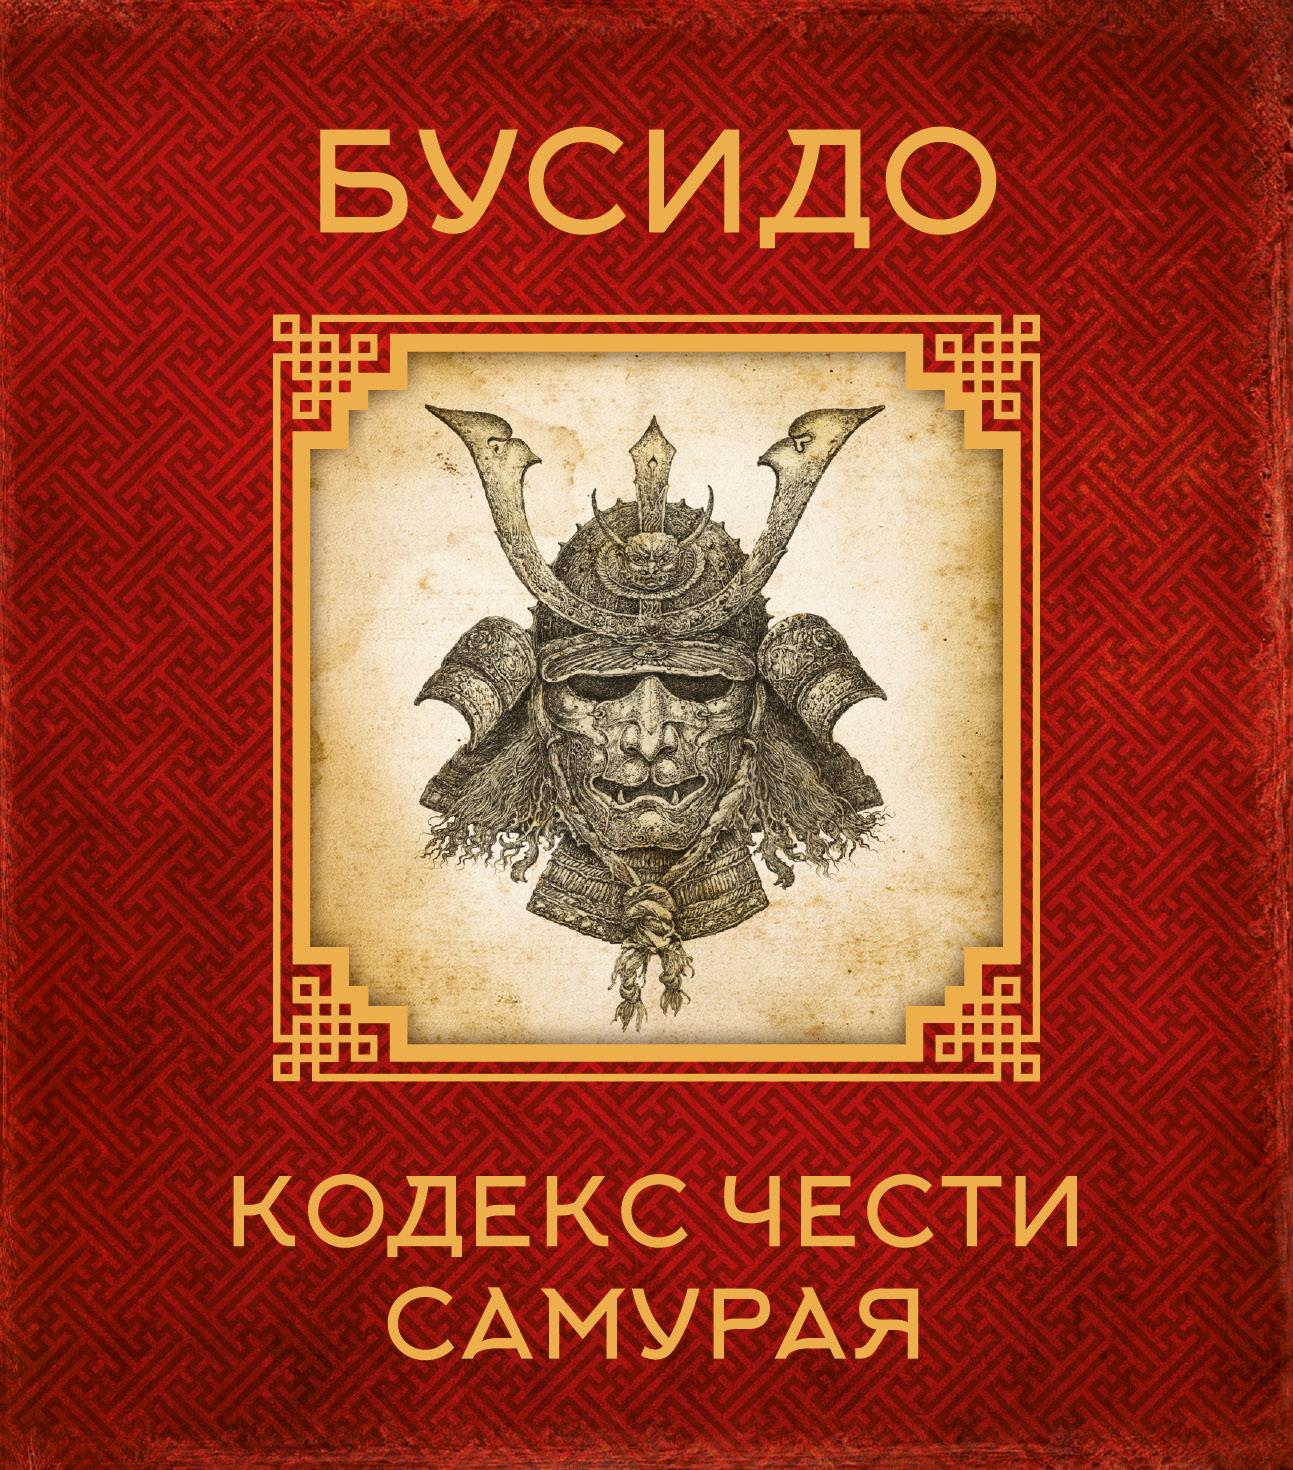 Цунэтомо Я. Бусидо. Кодекс чести самурая